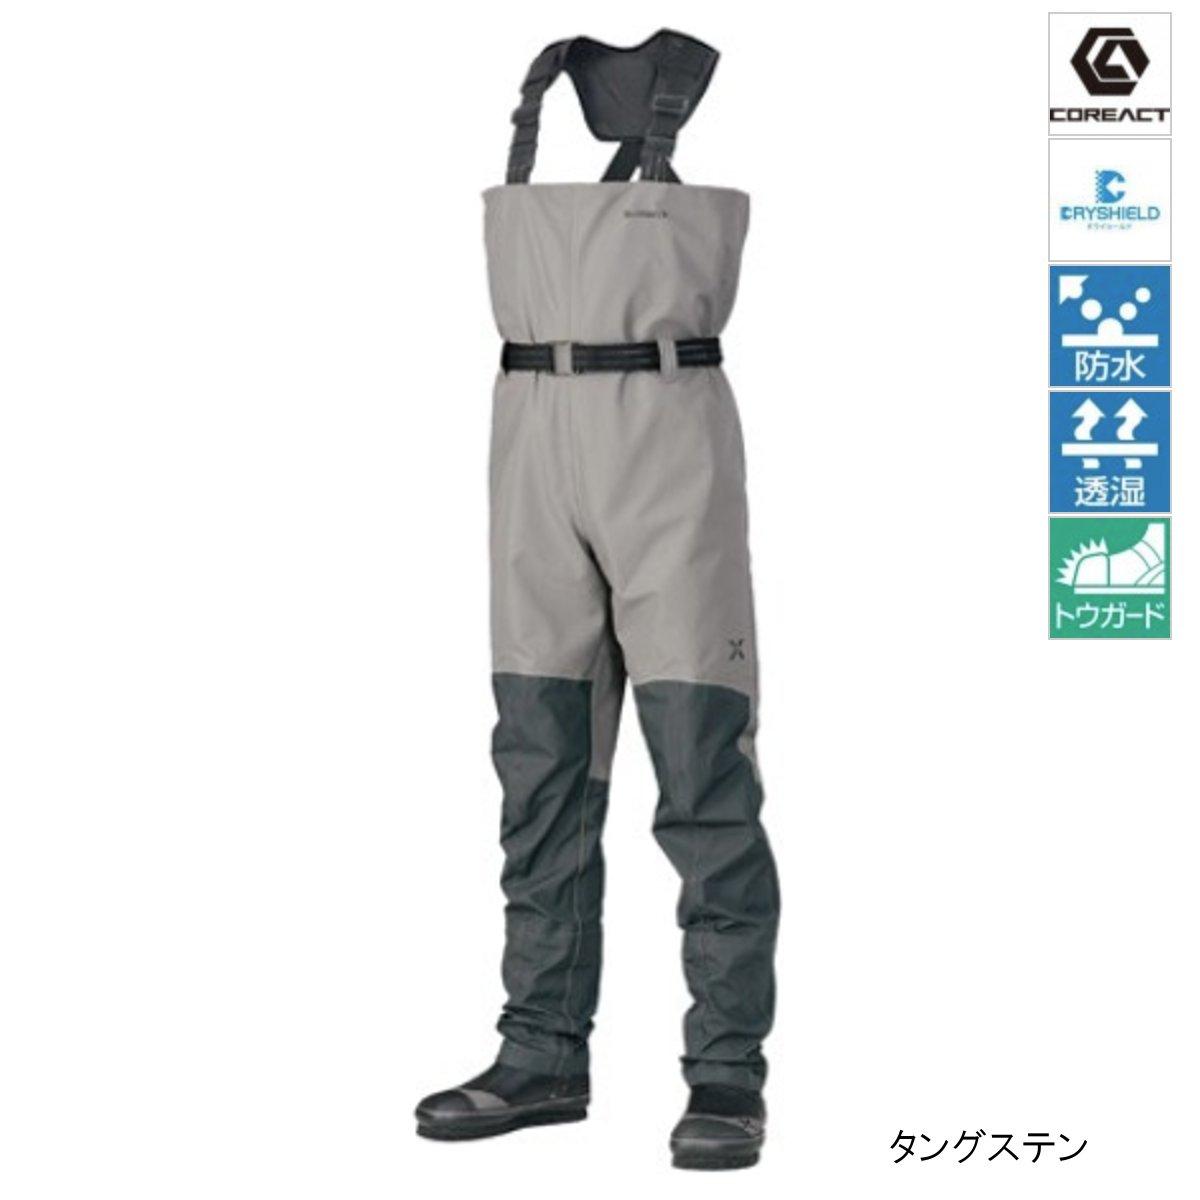 シマノ XEFO アクトゲーム ウェーダー WA-228R M タングステン(東日本店)